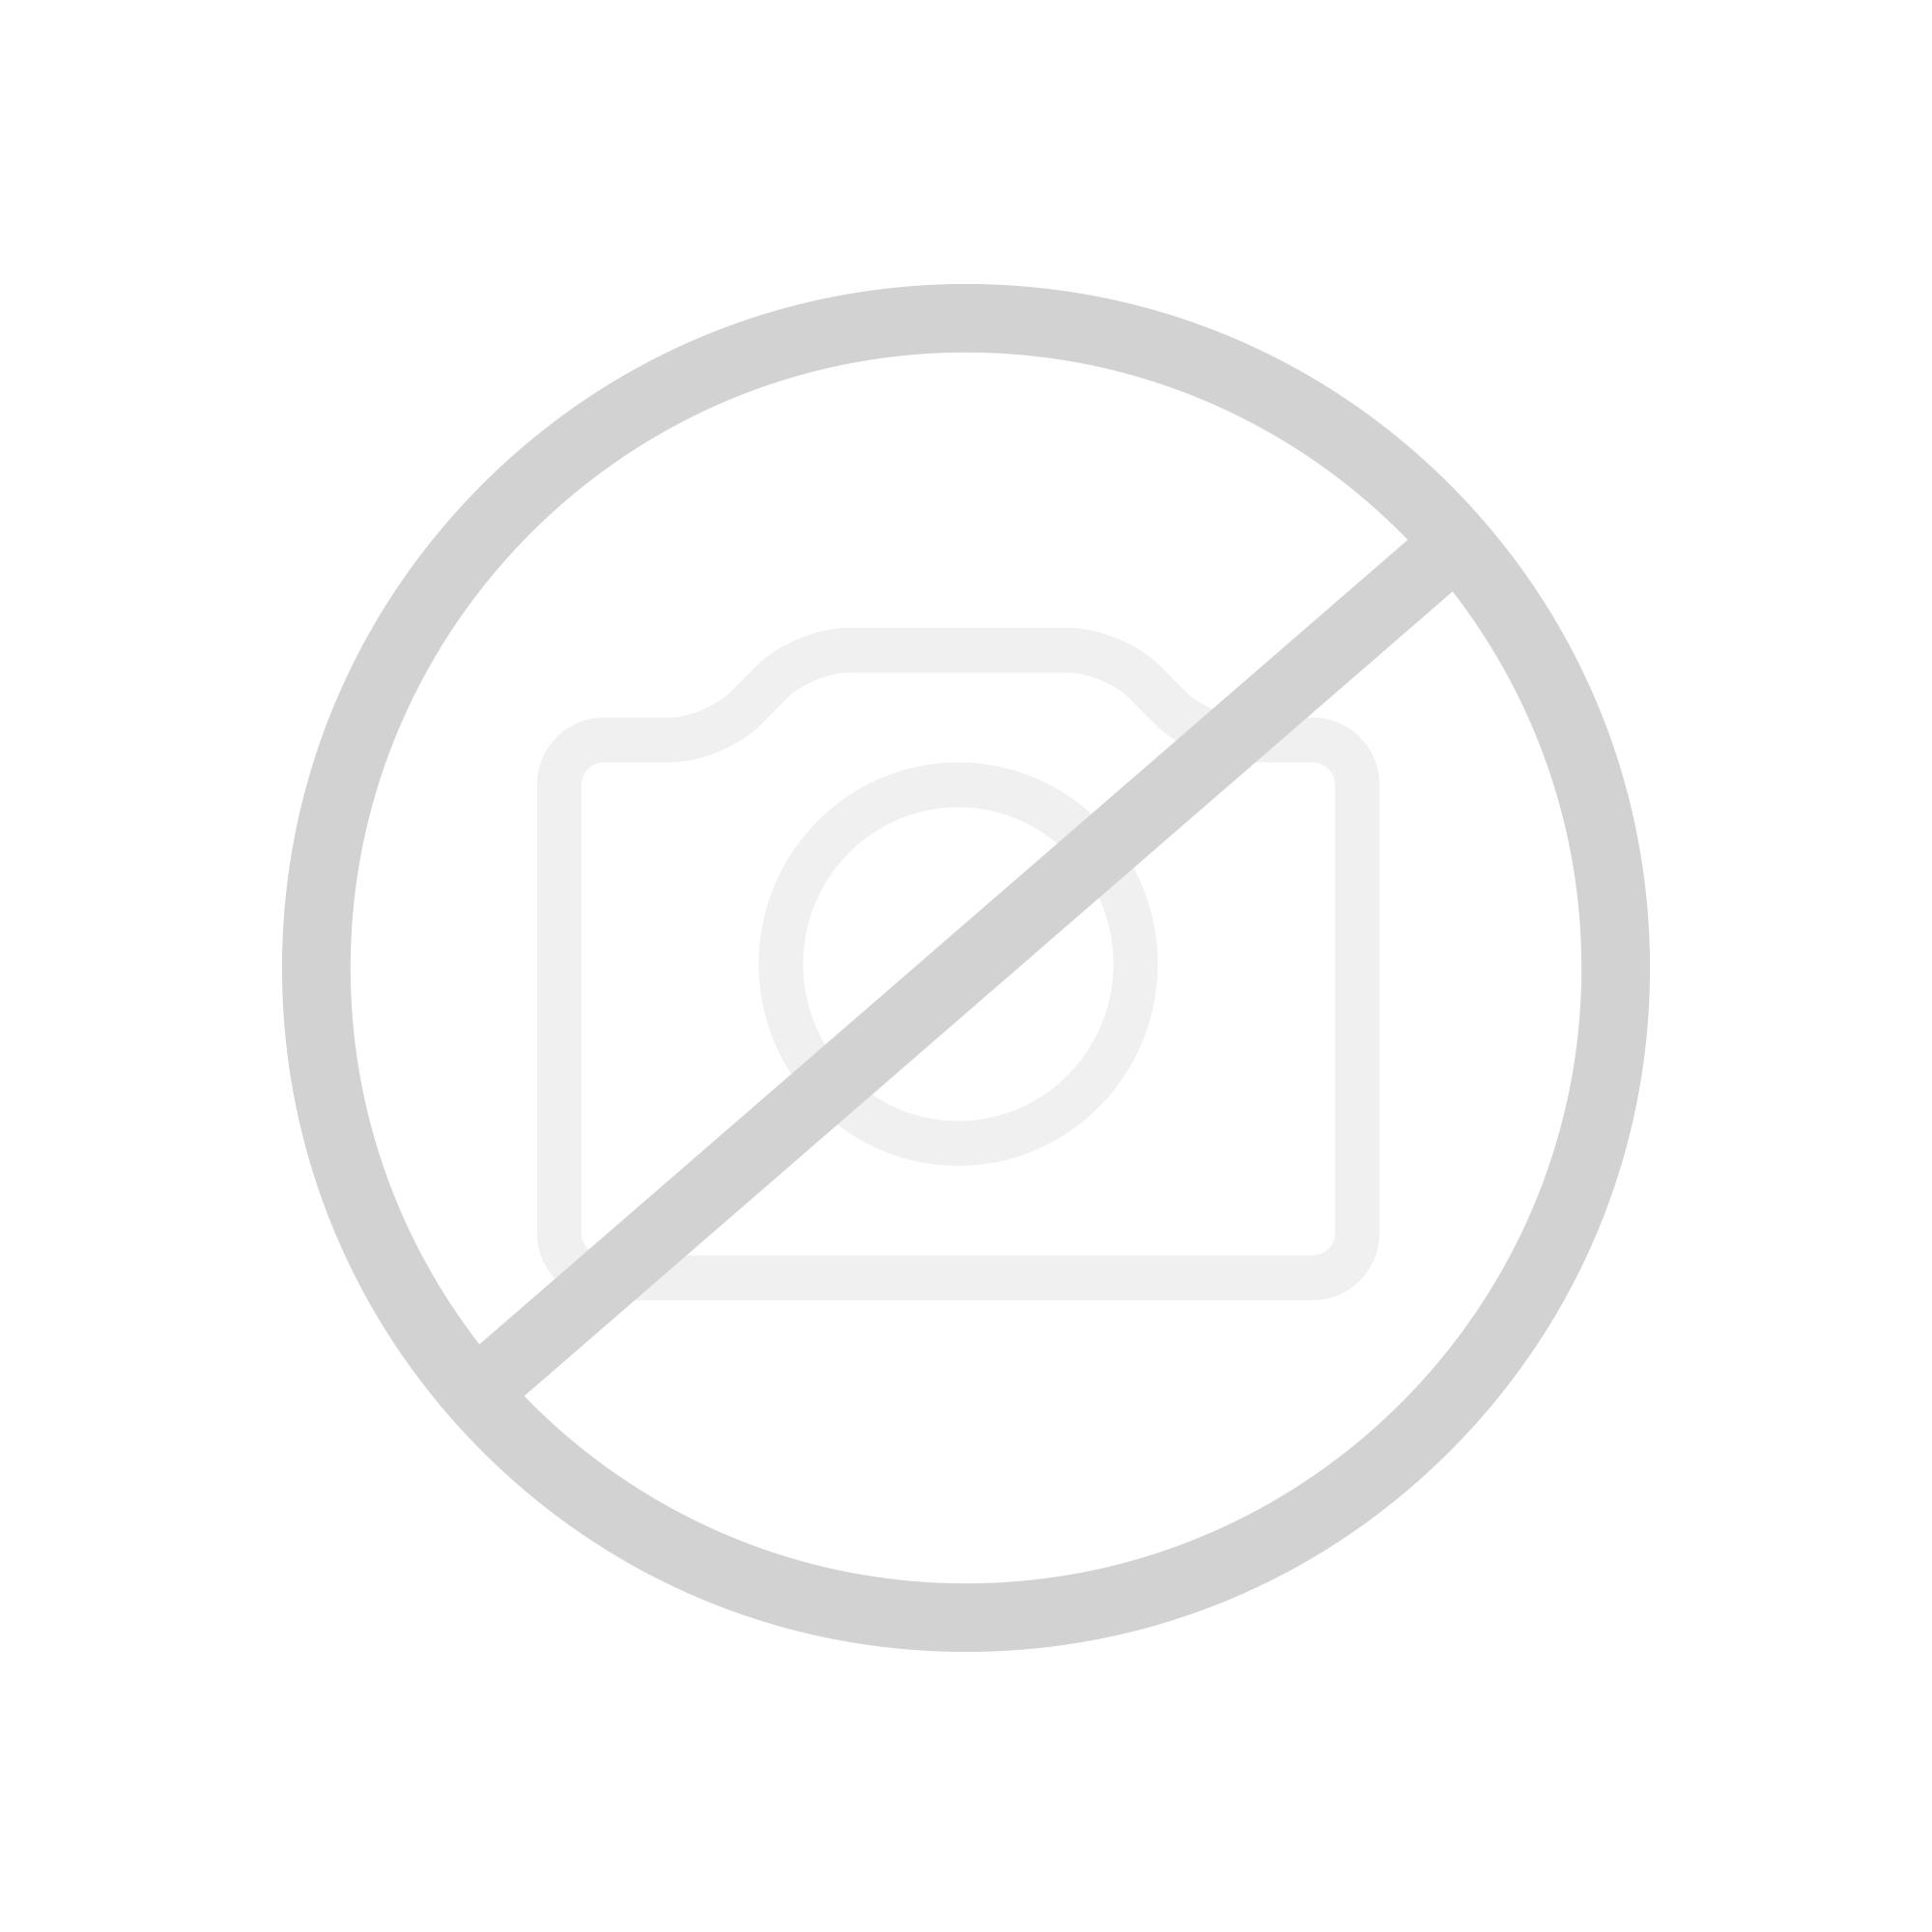 Kaufberatung: Armaturen für die Küche   REUTER Magazin